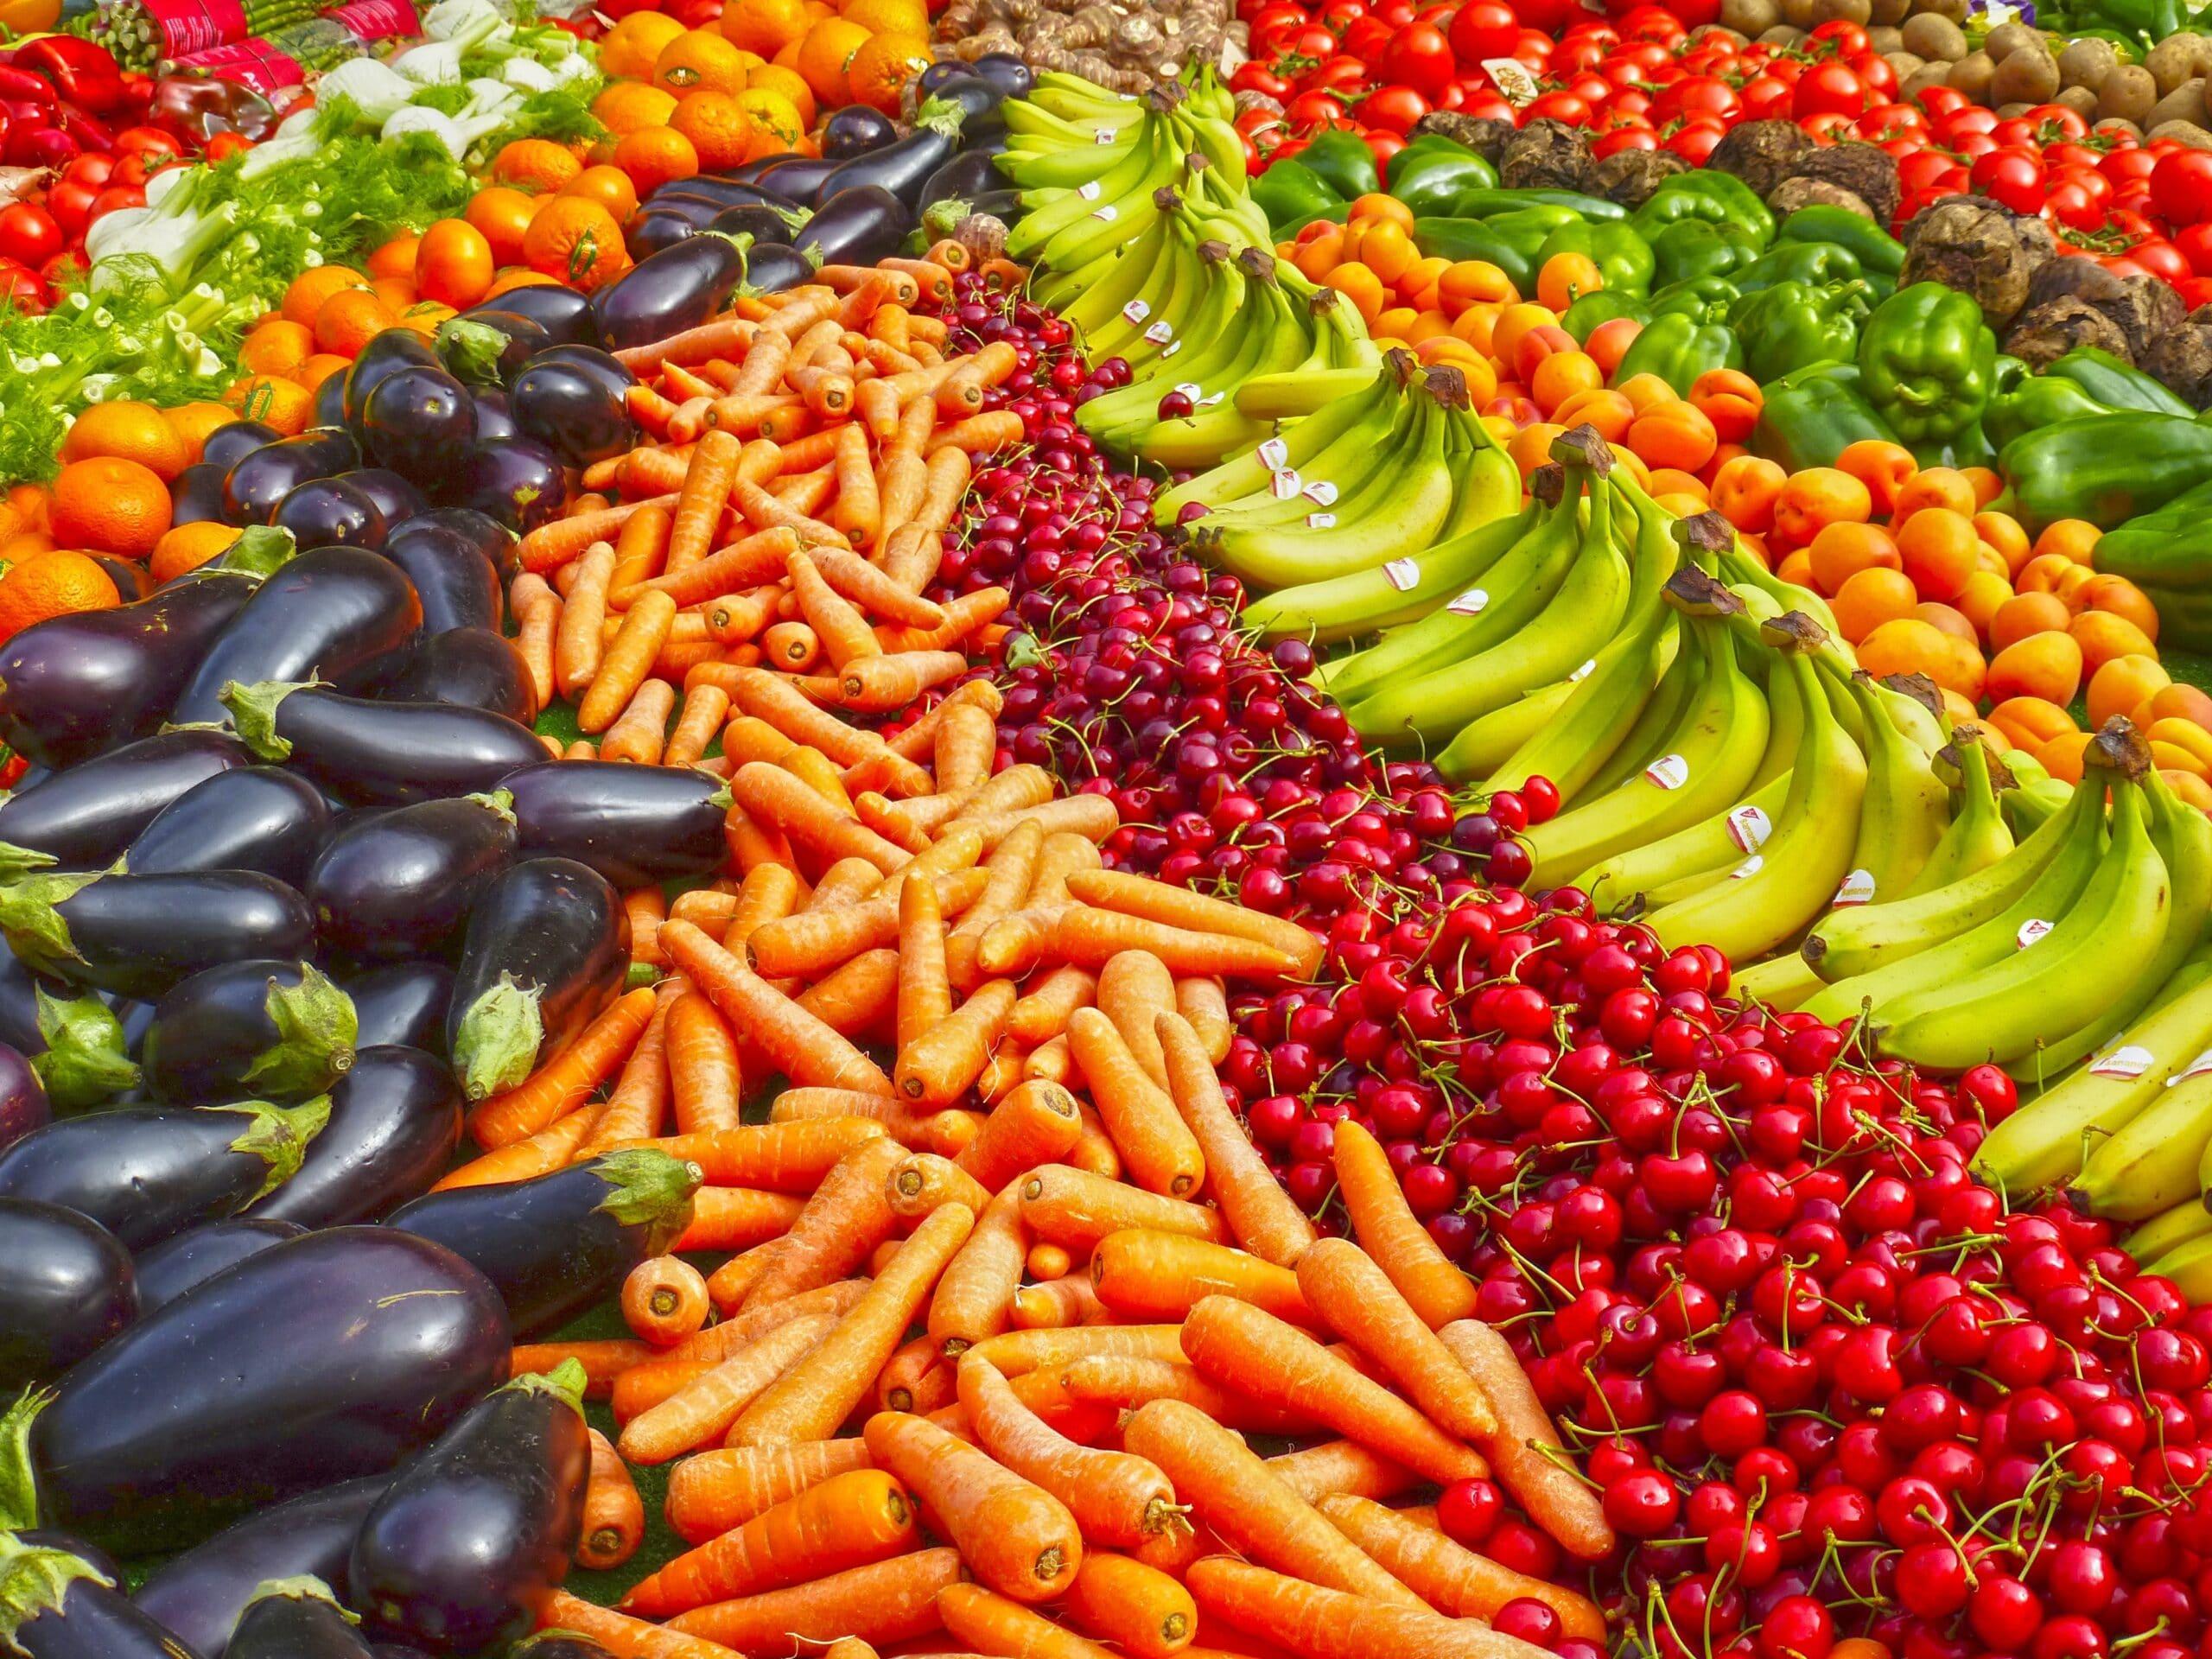 سلطنة عمان: شركة تسويق زراعية جديدة تنشئ 80 منفذًا في جميع أنحاء البلاد .. ما هدفها!